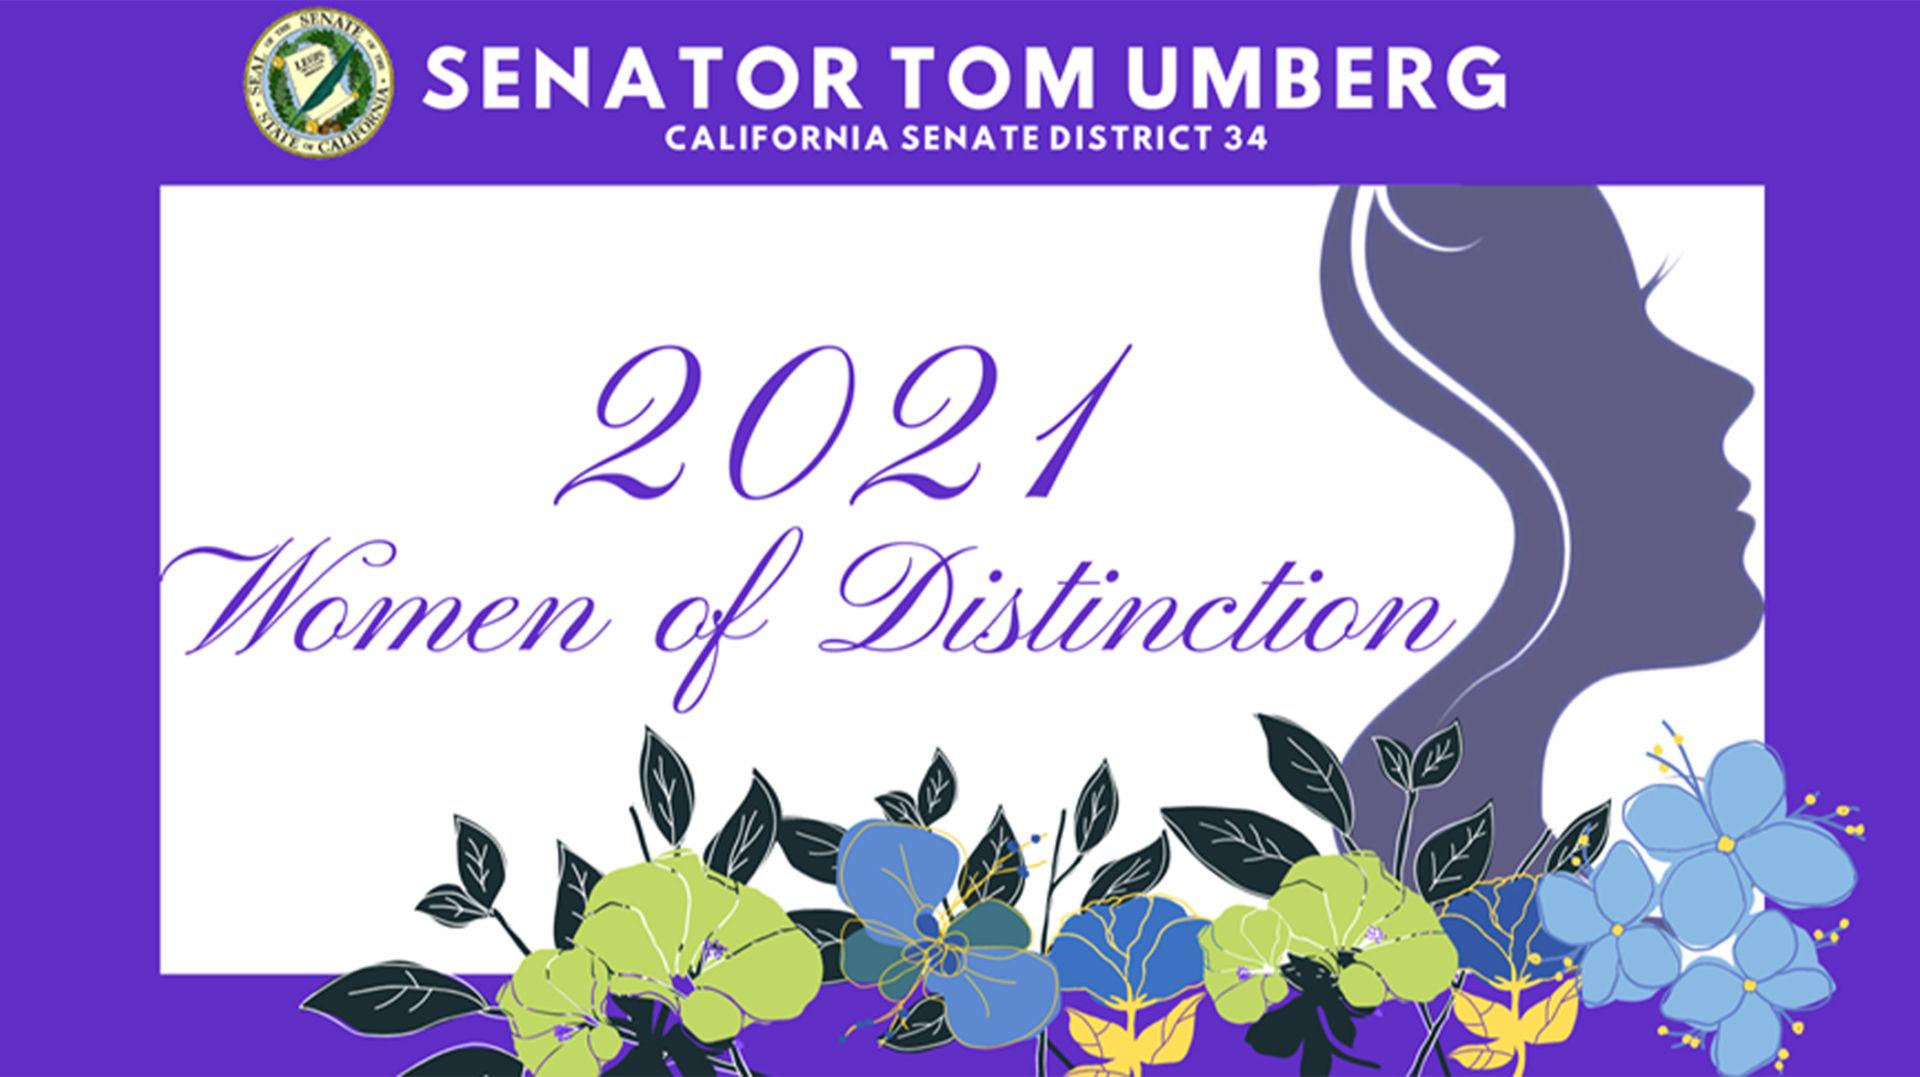 TNS Tom Umberg vinh danh 14 phụ nữ gốc Việt 'Tiêu Biểu Trong Năm 2021'